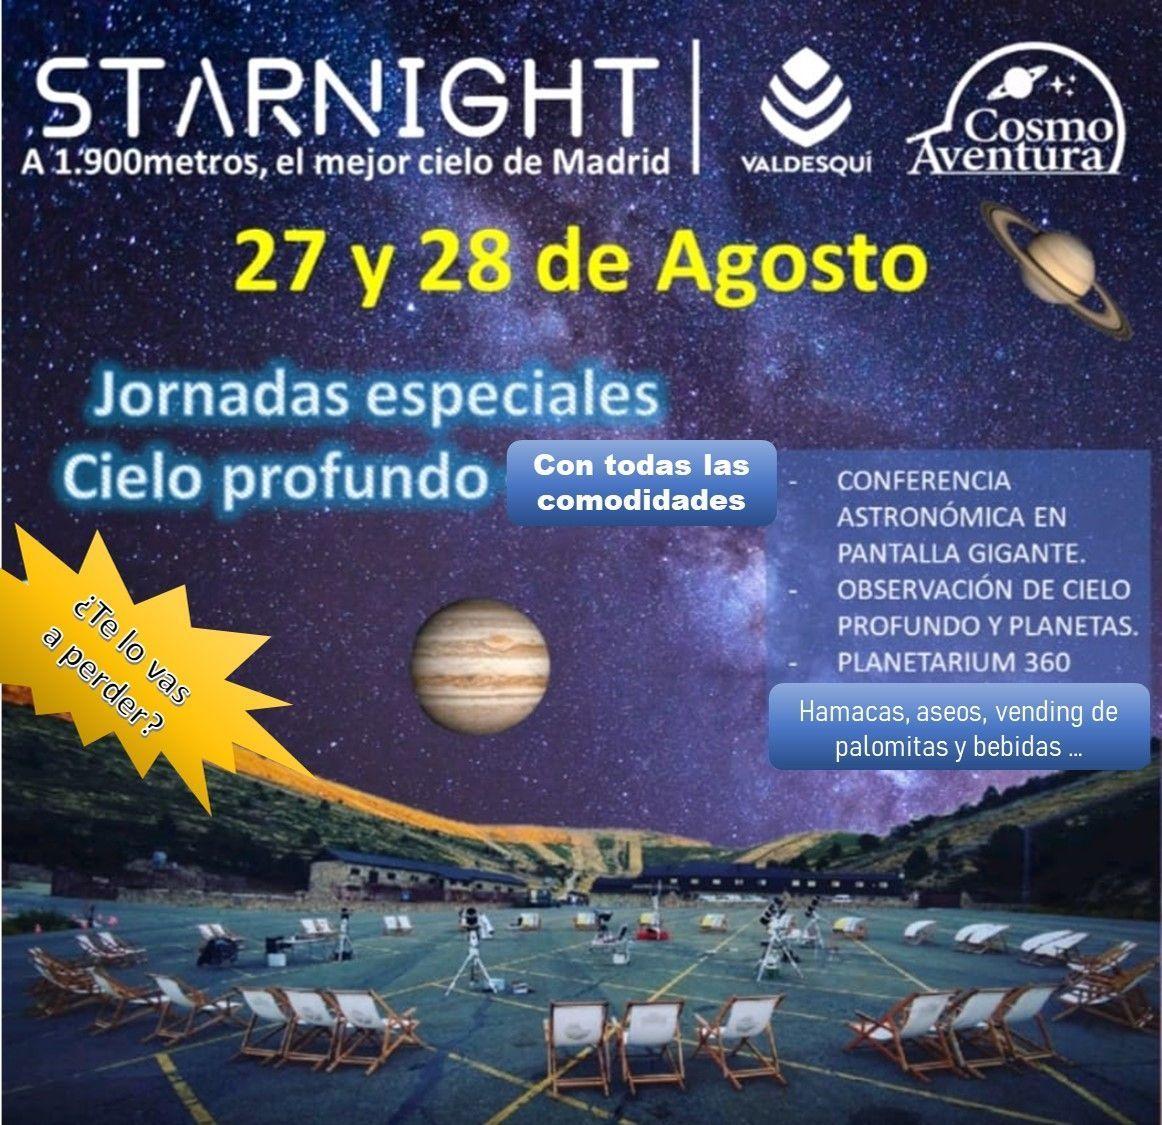 (CANCELADO POR CLIMATOLOGIA) 28-08-2021.- Observación Astronómica en el lugar más exclusivo de Madrid: La Estación de Valdesquí